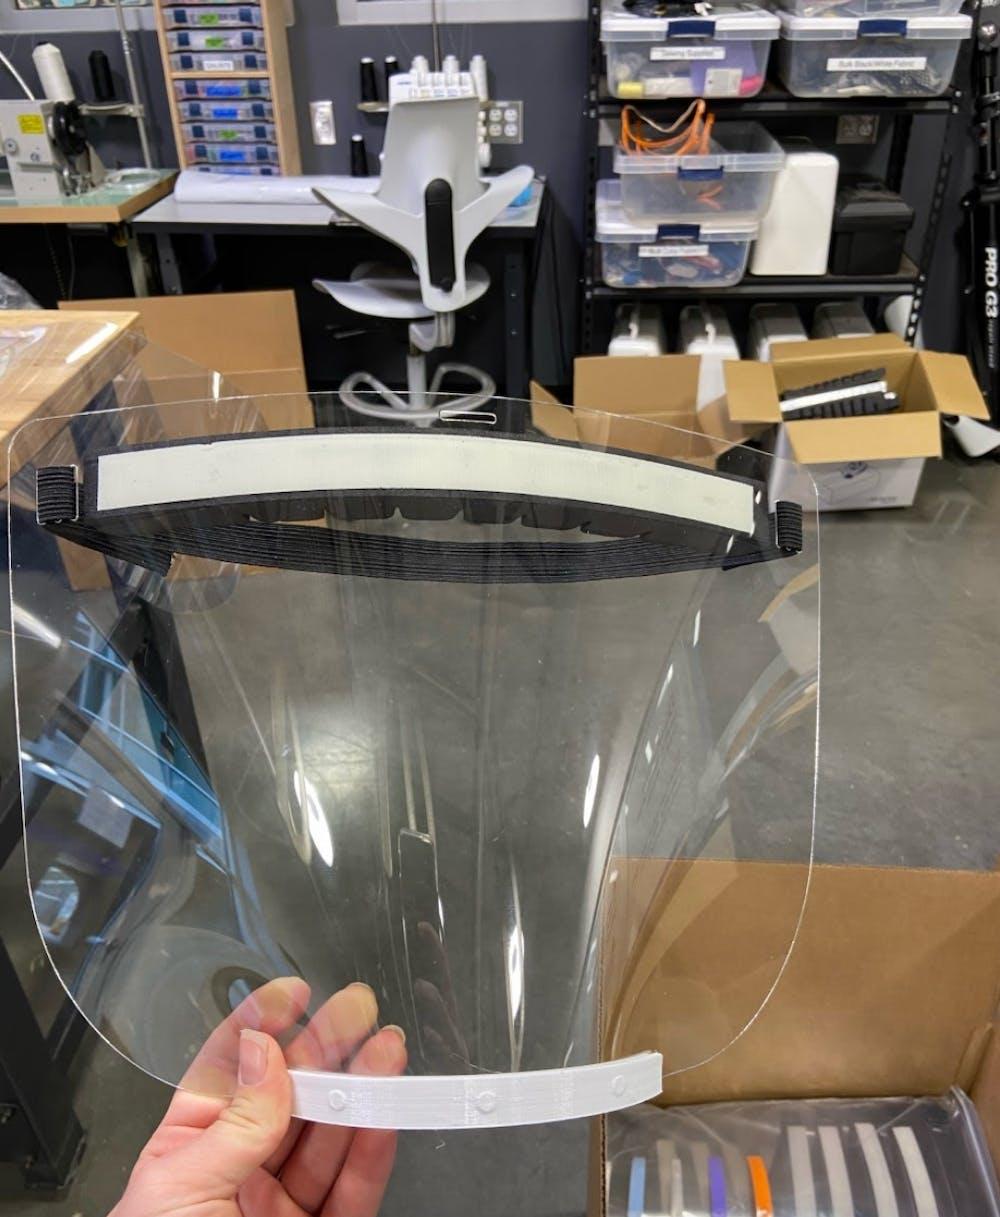 design for homemade face shields